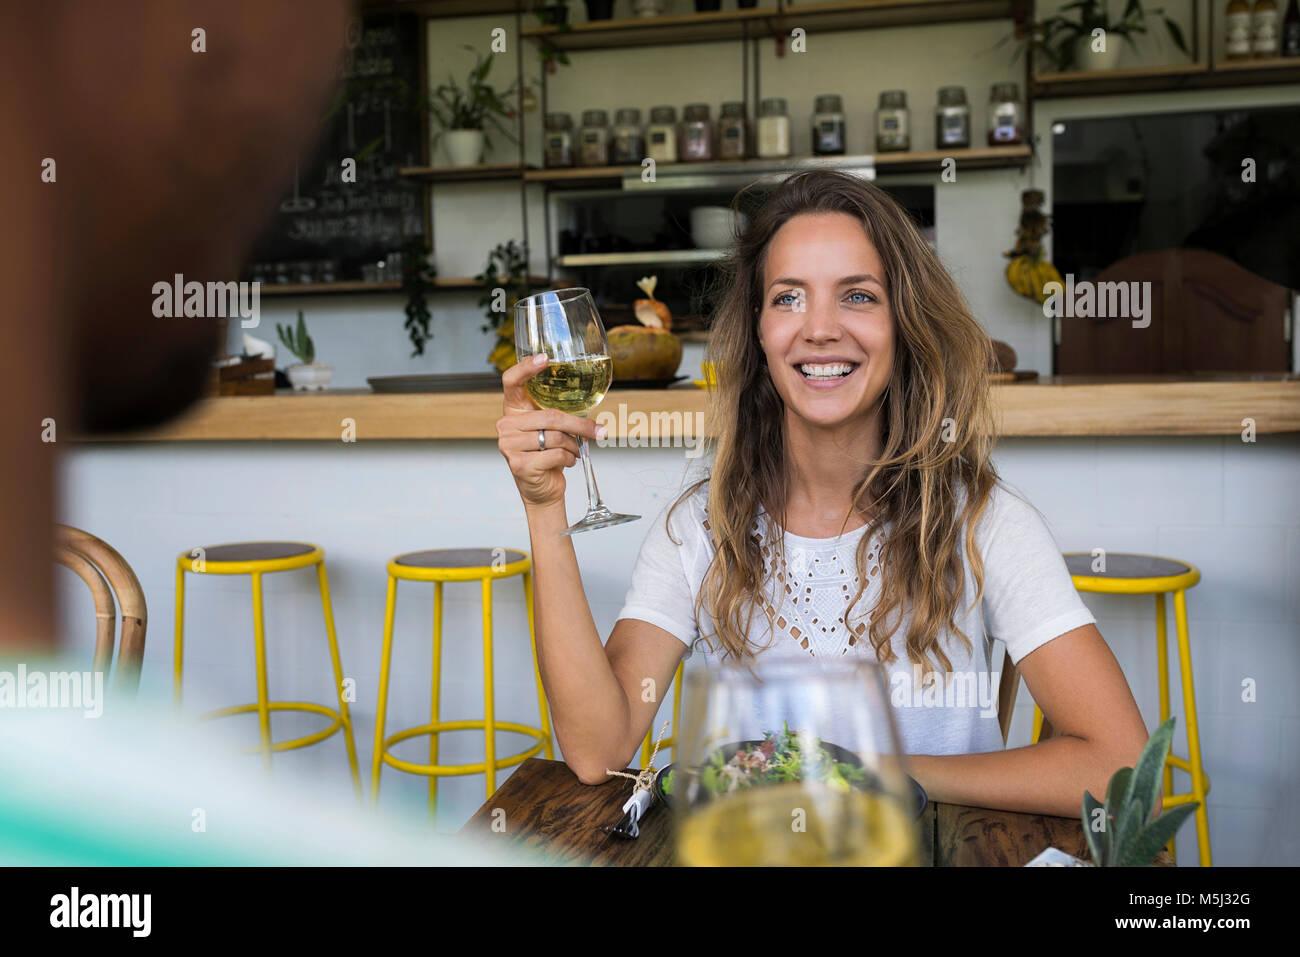 Lächelnde Frau mit einem Glas Wein bei man in einem Café auf der Suche Stockbild